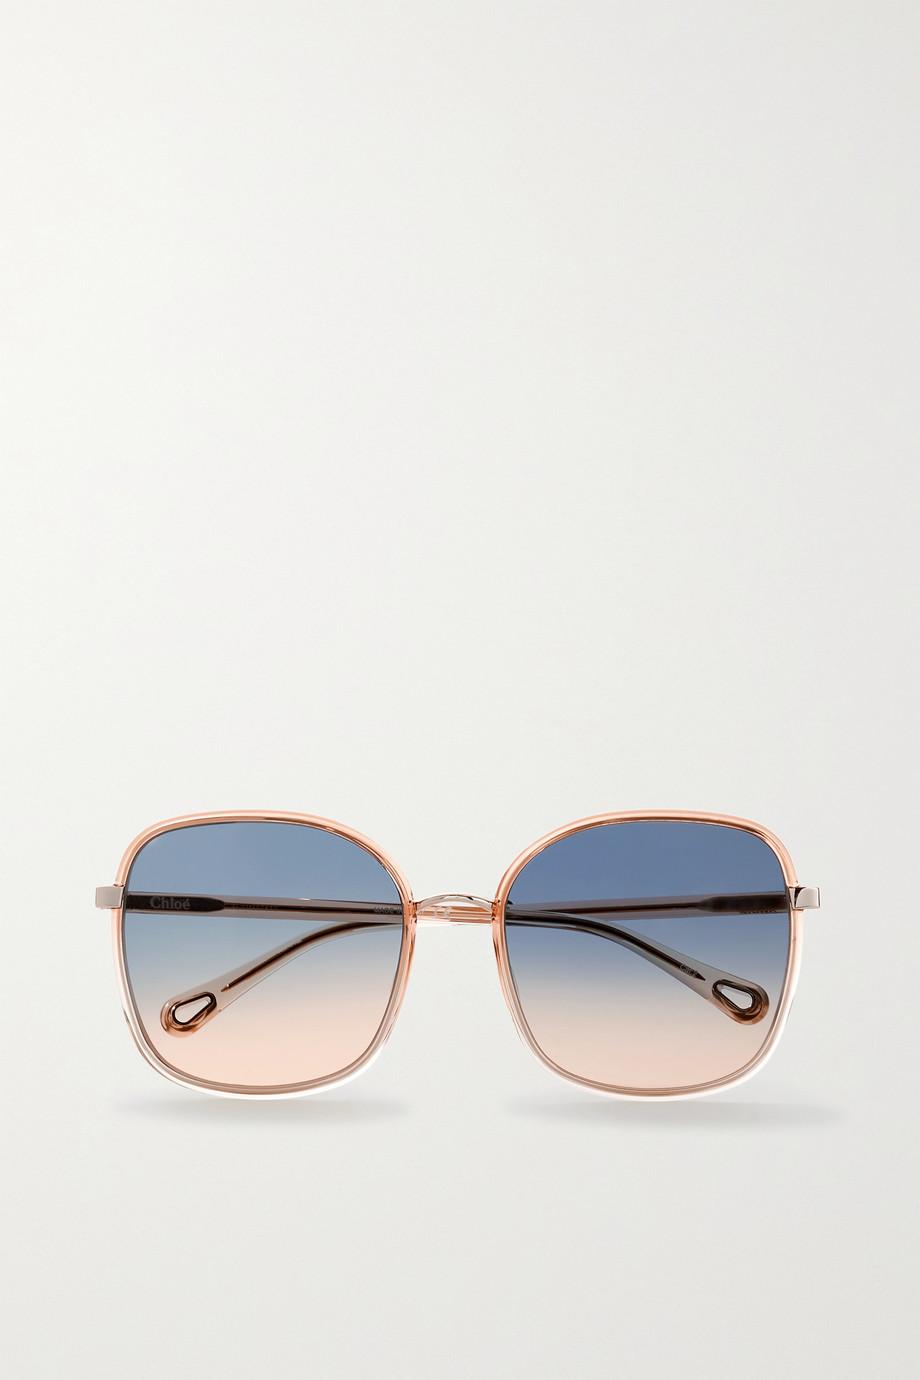 Chloé Oversized-Sonnenbrille mit eckigem Rahmen aus Azetat und goldfarbenen Details